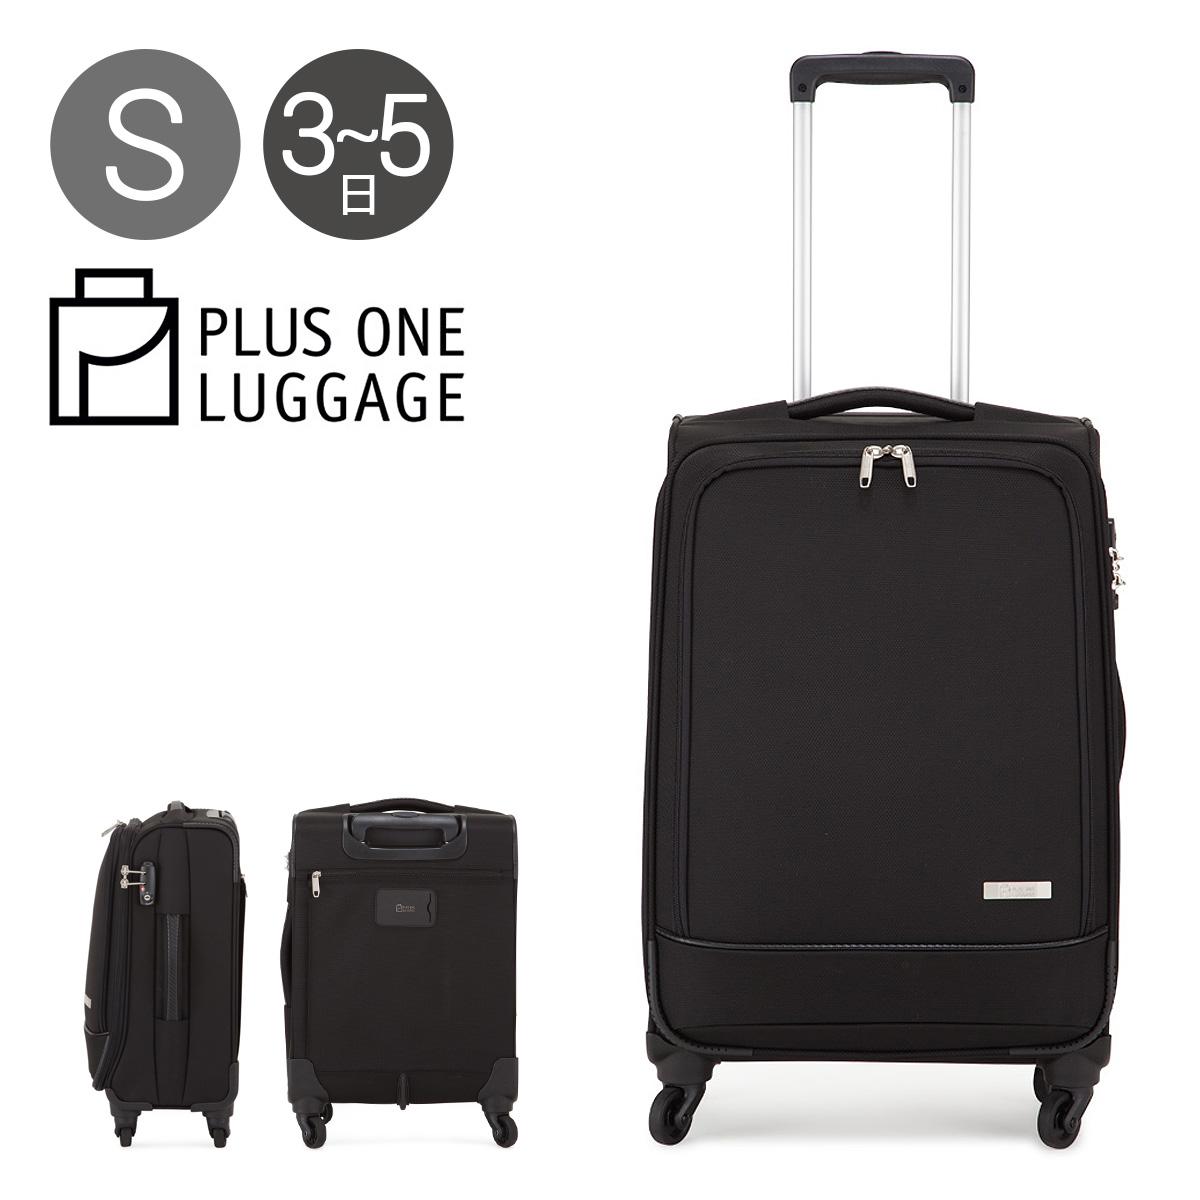 プラスワン スーツケース 3015-58 PLUSONE LUGGAGE キャリーケース キャリーバッグ ビジネスキャリー 出張 [PO10][bef]